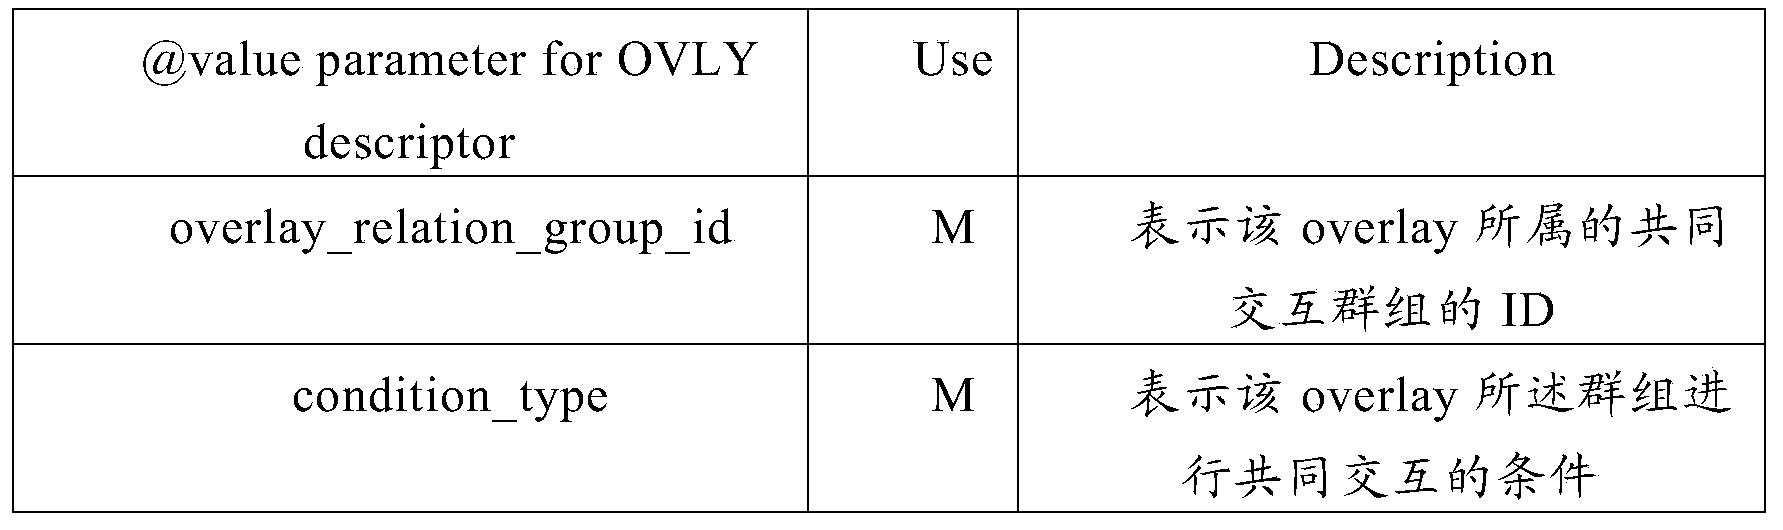 Figure PCTCN2019108514-appb-000022